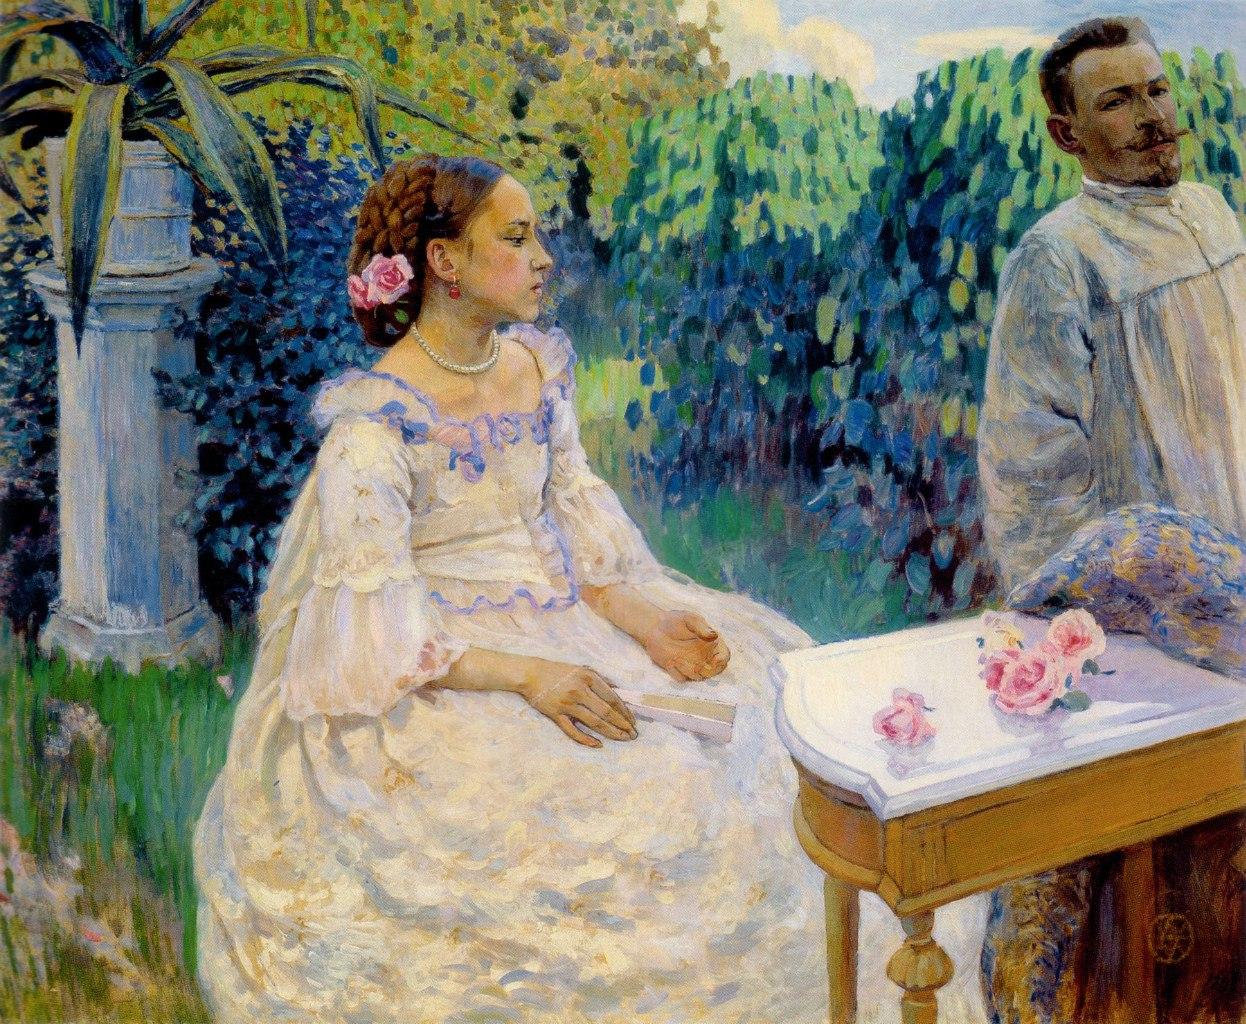 Виктор Борисов-Мусатов 1870 – 1905 Автопортрет с сестрой, 1898 Государственный Русский музей, Санкт-Петербург